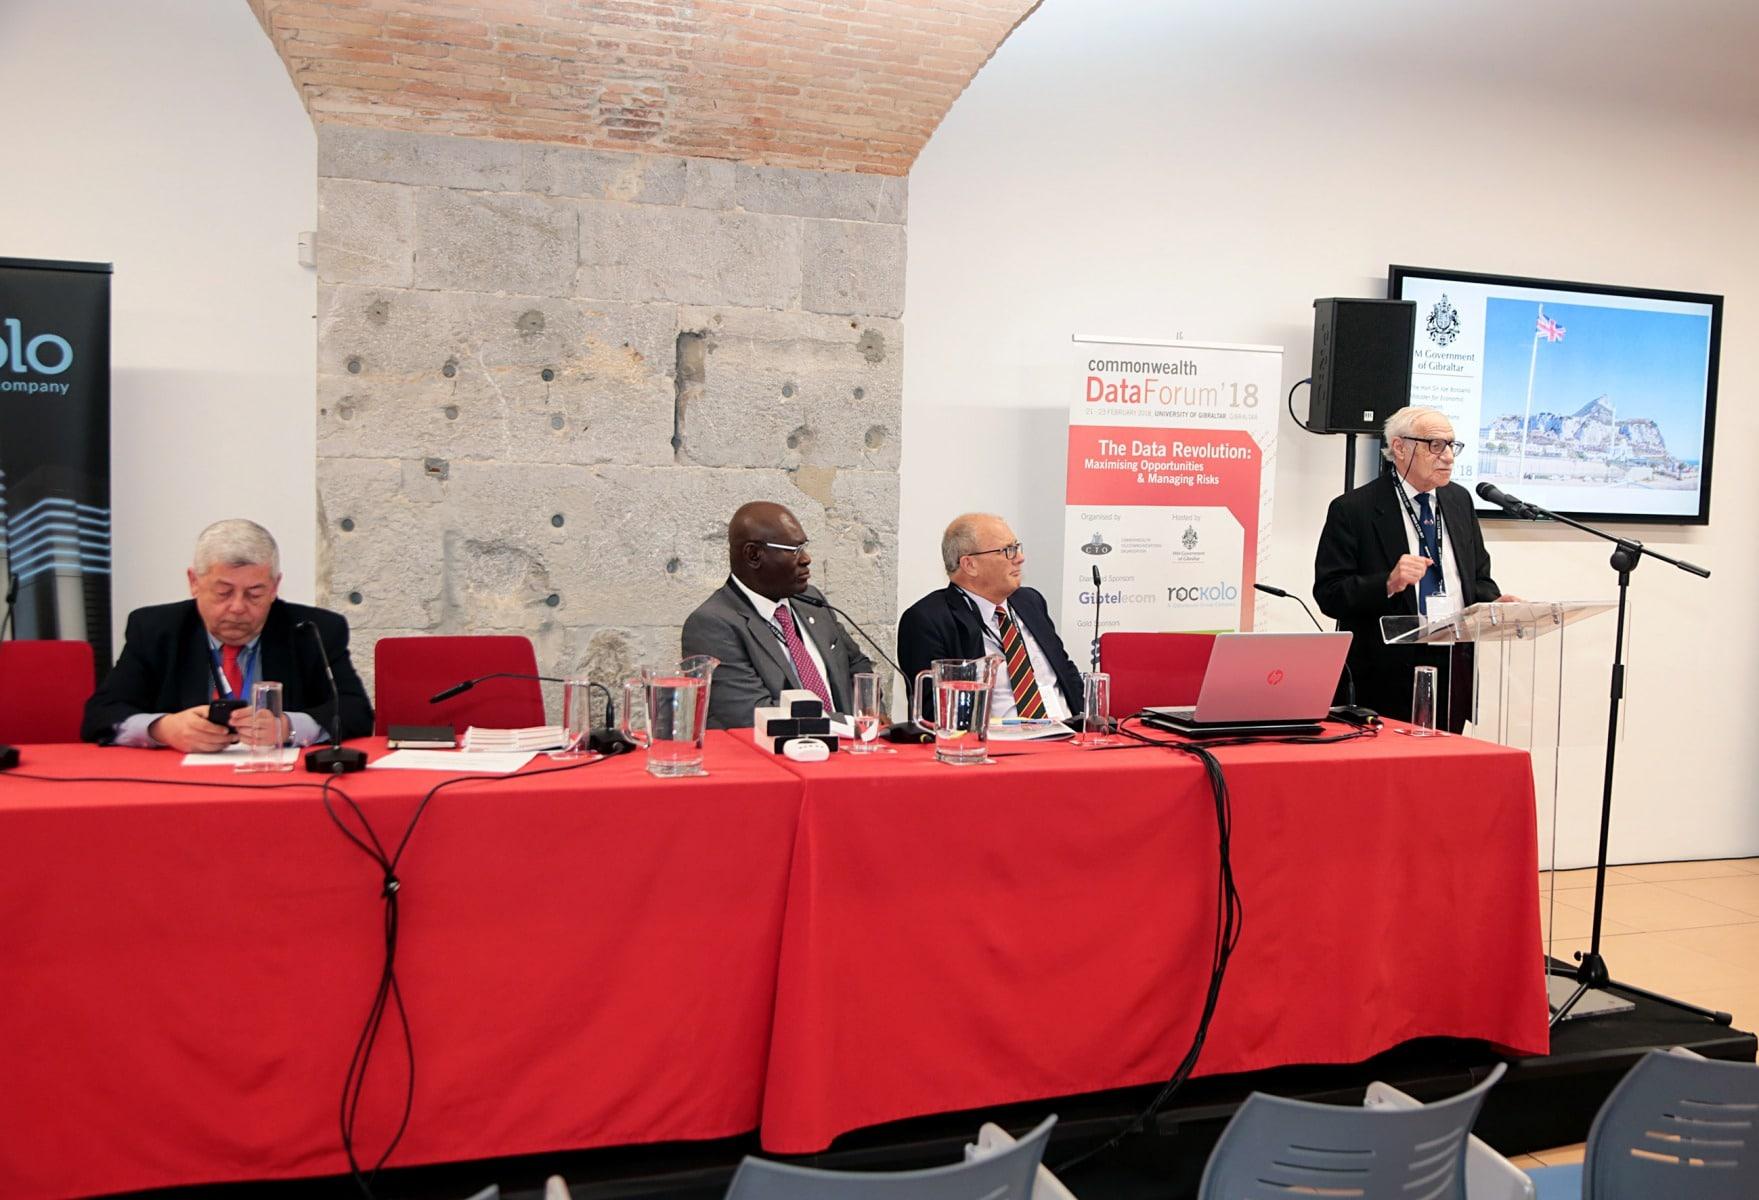 conferencia-sobre-telecomunicaciones-de-la-commonwealth_38590504290_o